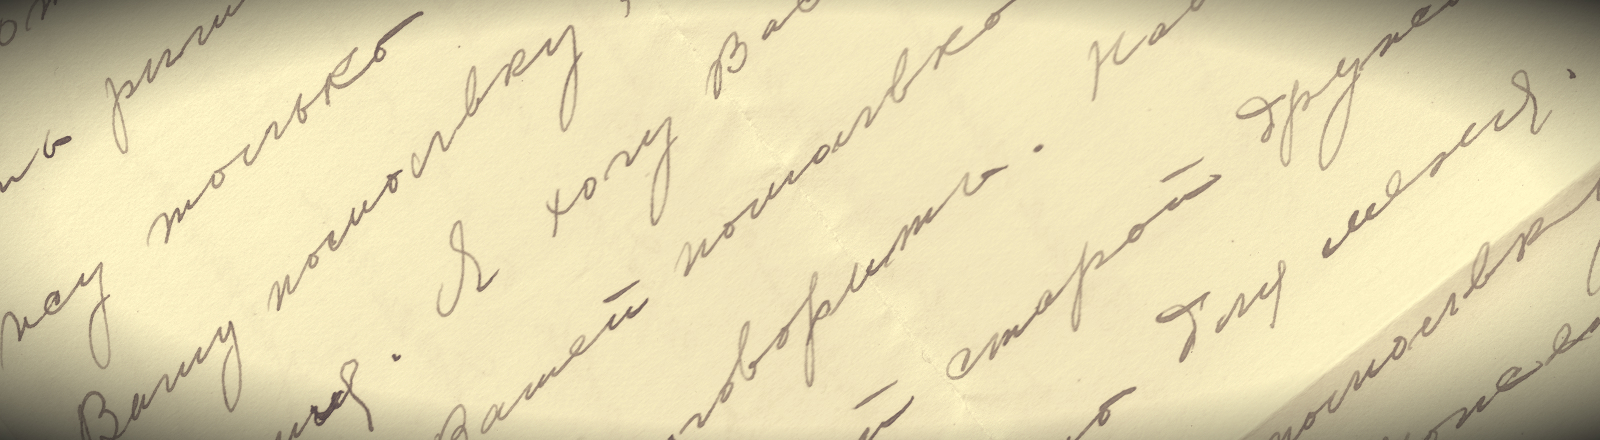 Ein Ausschnitt aus einem der Briefe